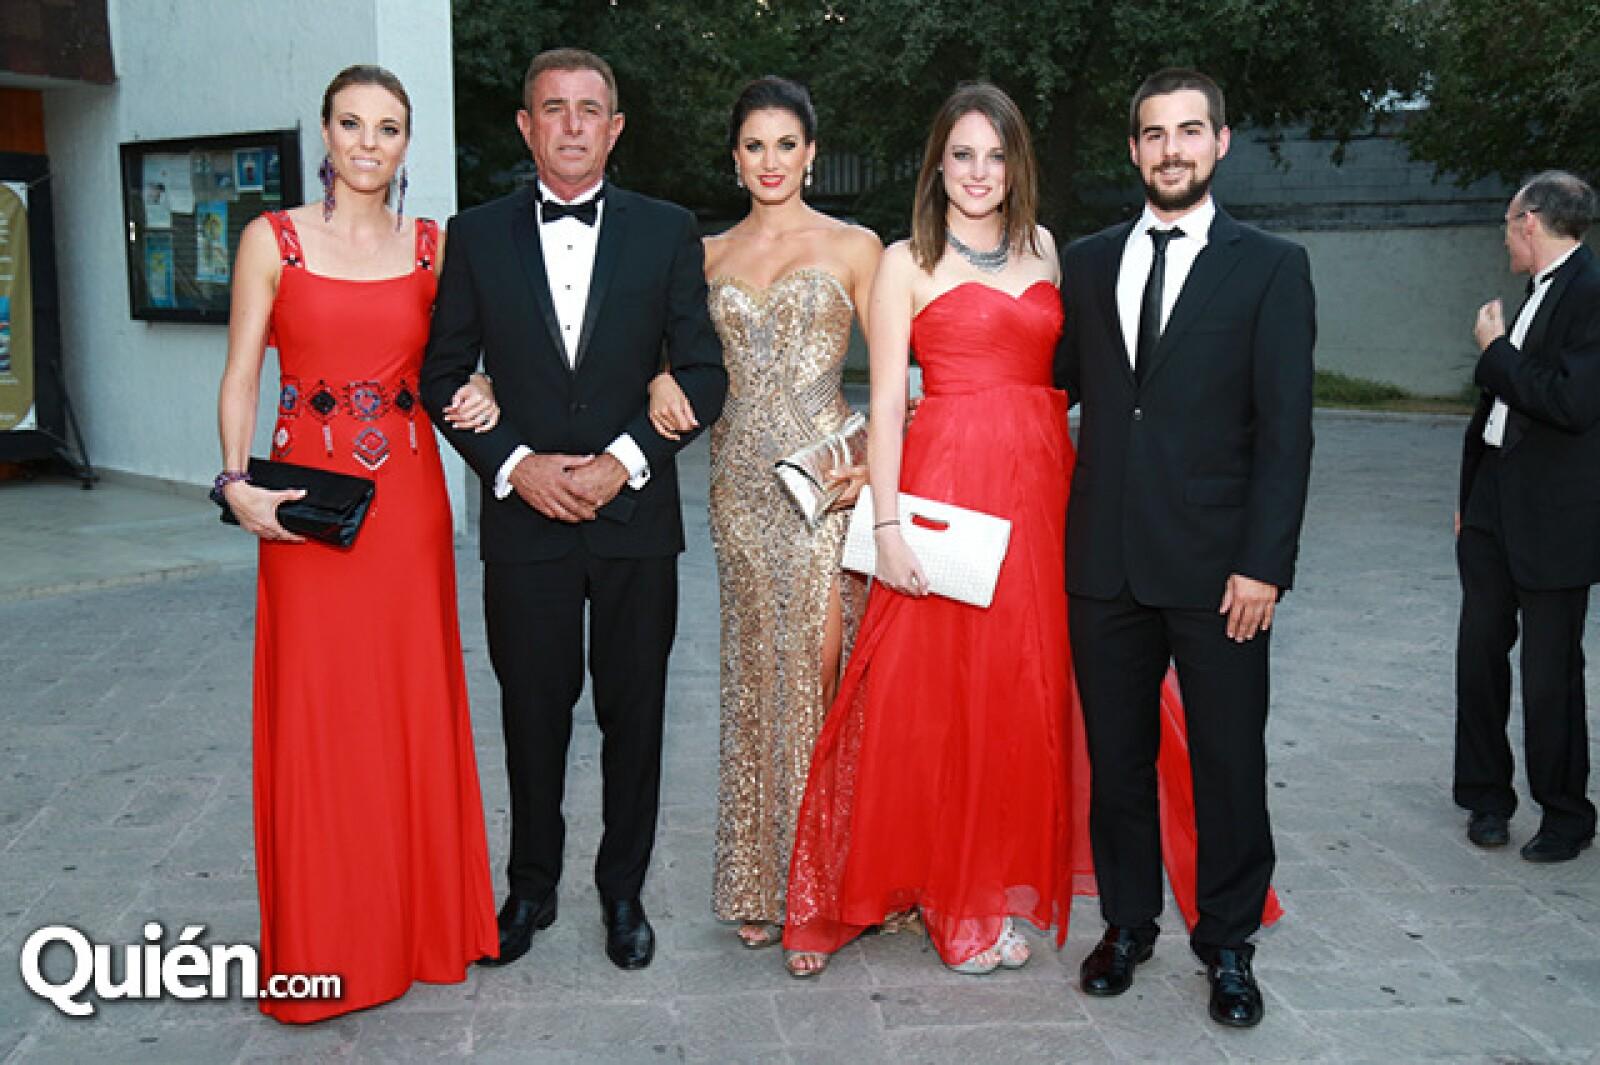 Andrea Bracho,Ernesto Bracho,Valeria Bracho,Bárbara Bracho y Héctor Toyas.